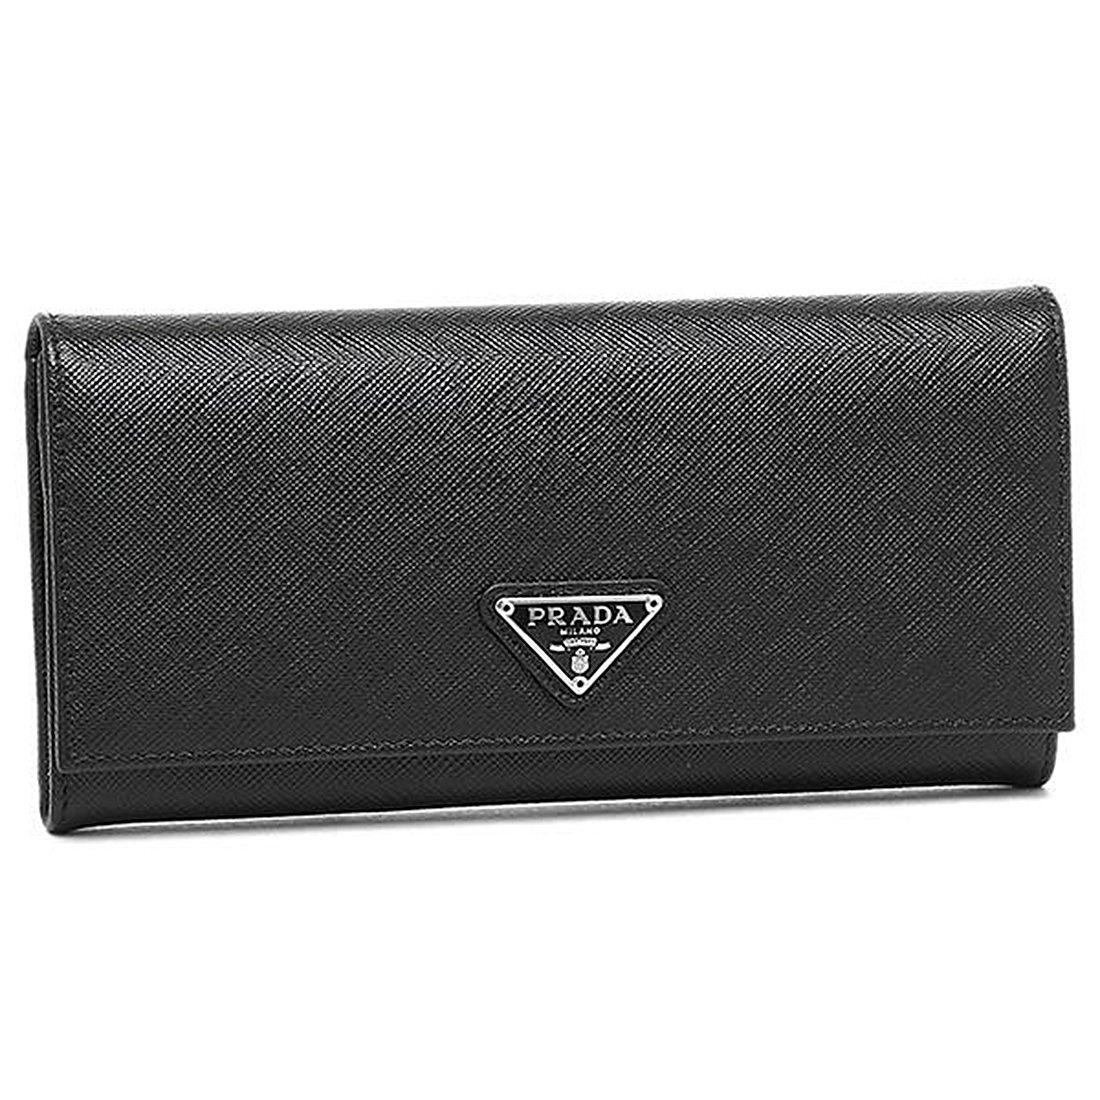 [プラダ] 長財布 レディース PRADA 1MH132 QHH F0632 ブラック [並行輸入品] B06XKSNBJF